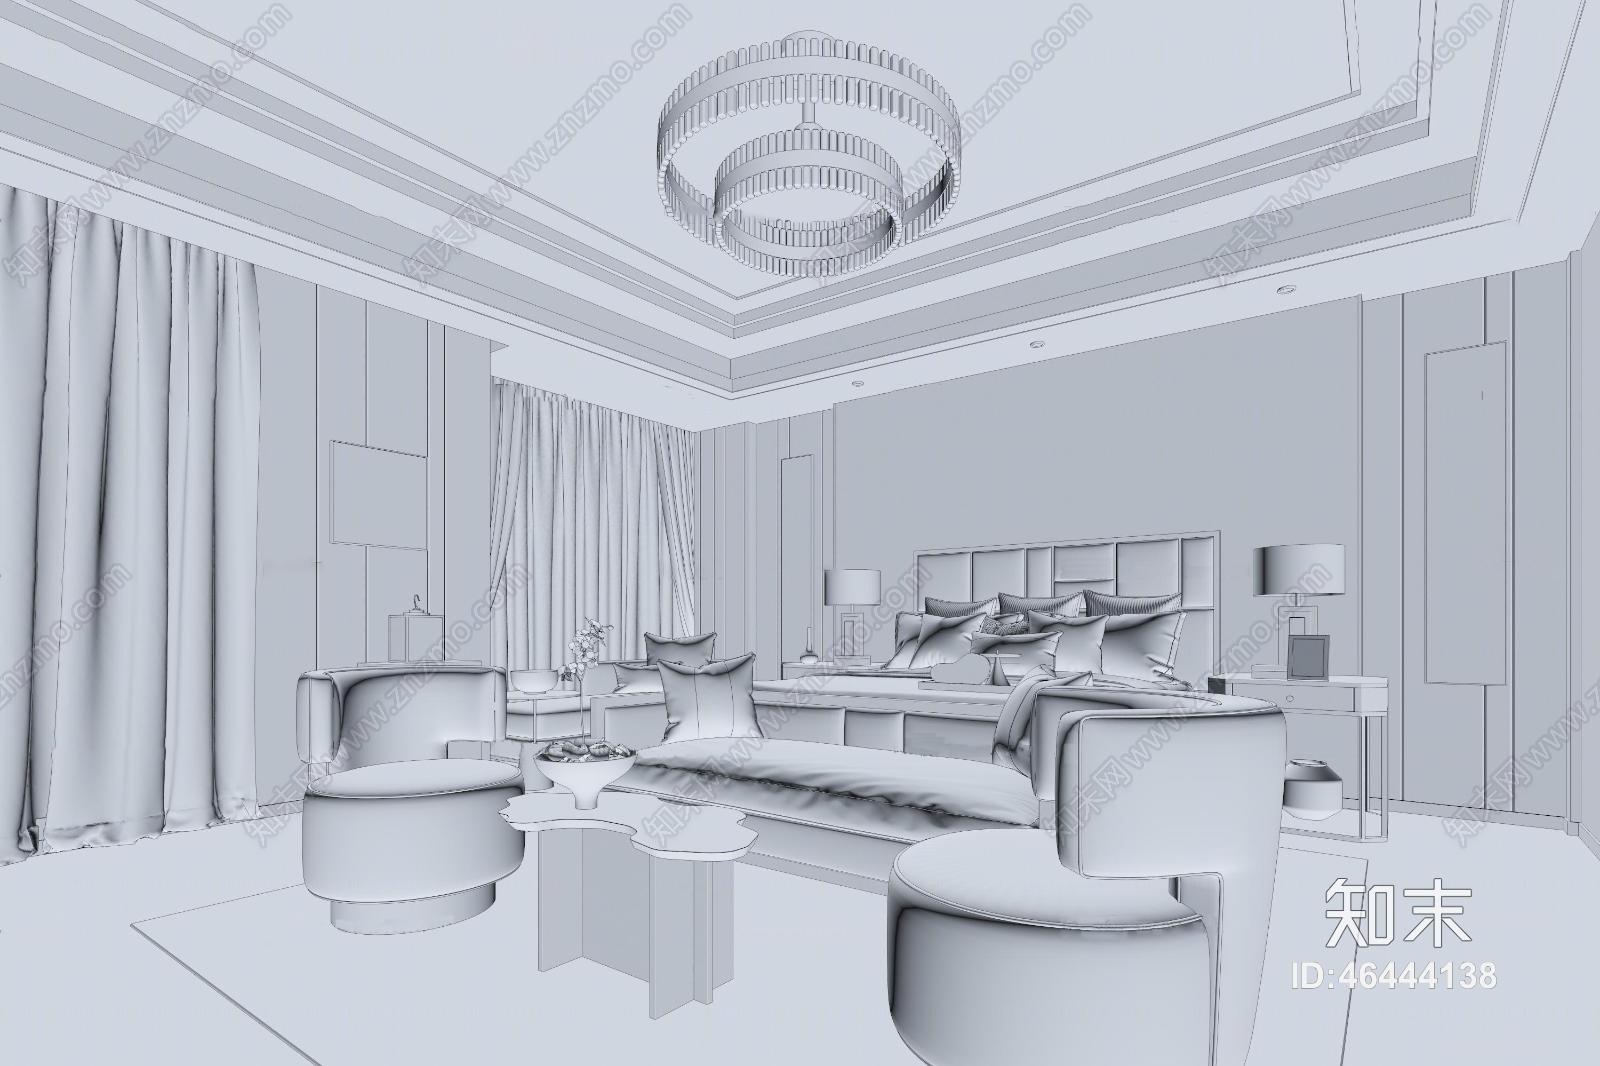 新中式卧室 吊灯 台灯 单双人沙发 茶几 挂画 壁画